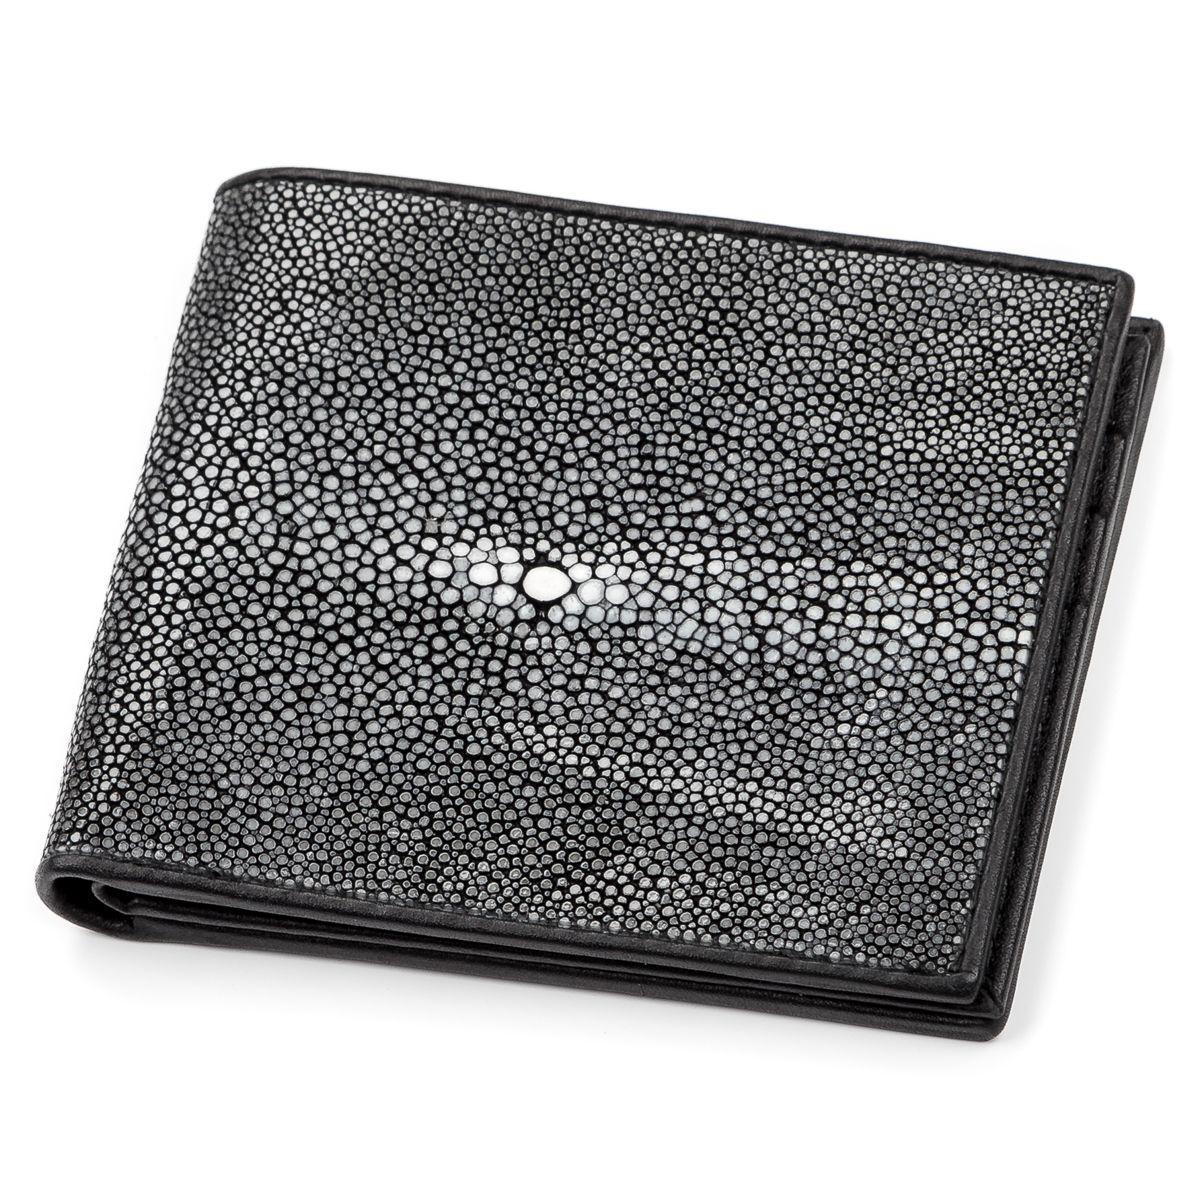 Портмоне мужское Ekzotic Leather из натуральной кожи морского ската Черное (stw 51), фото 1